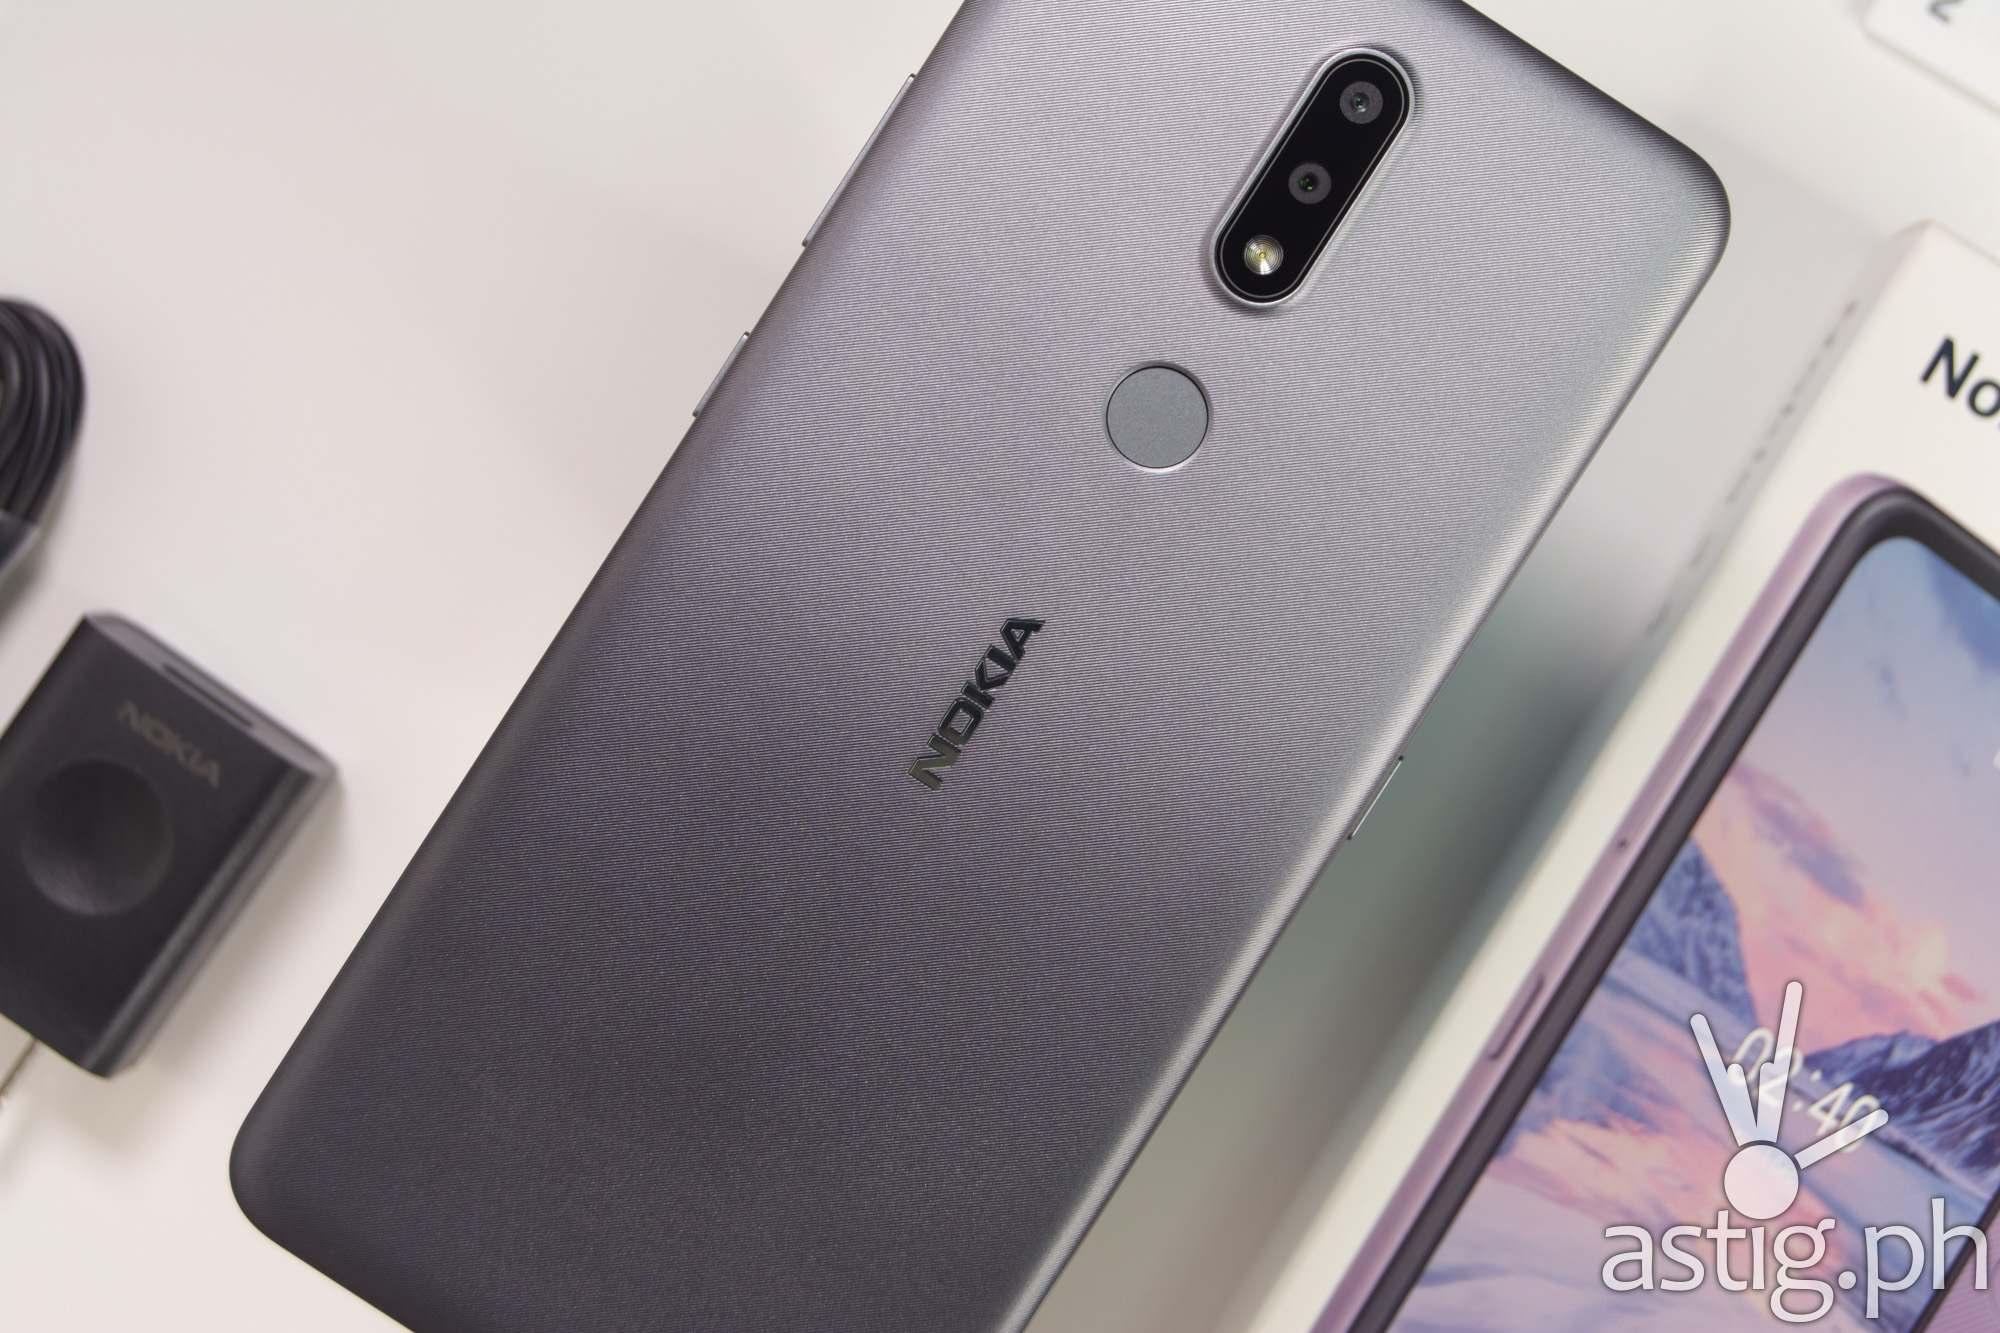 Flatlay diagonal - Nokia 2.4 (Philippines)